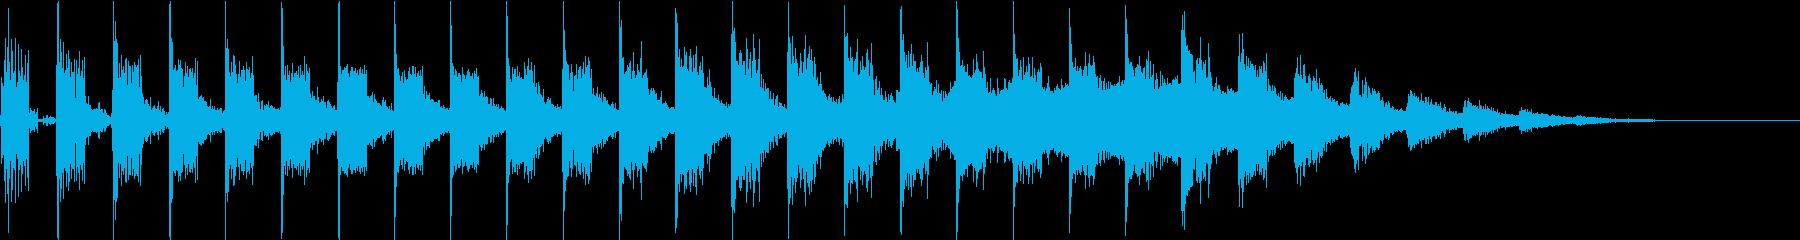 テレポート・ワープ・空間移動・瞬間移動の再生済みの波形